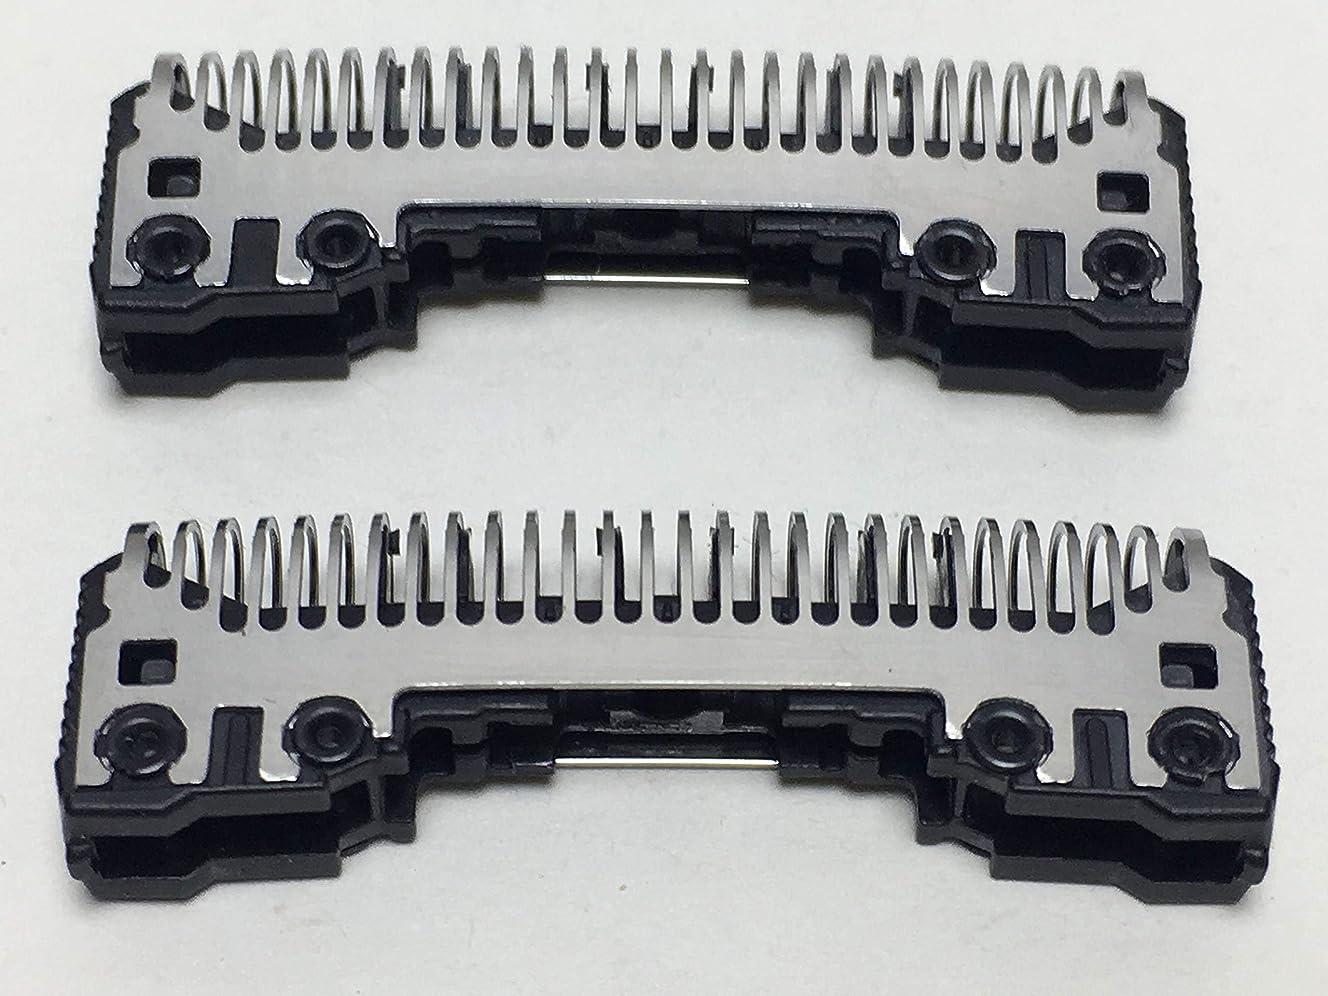 規制本自動替刃 シェーバーヘッドバーバーブレード フィリップス Panasonic ES-LA63 ES-LA70 ES-LA72 ES-LA74 ES-LA82 ES-LA84 ES-LA93 ES-LA83 Shaver Razor head Blade